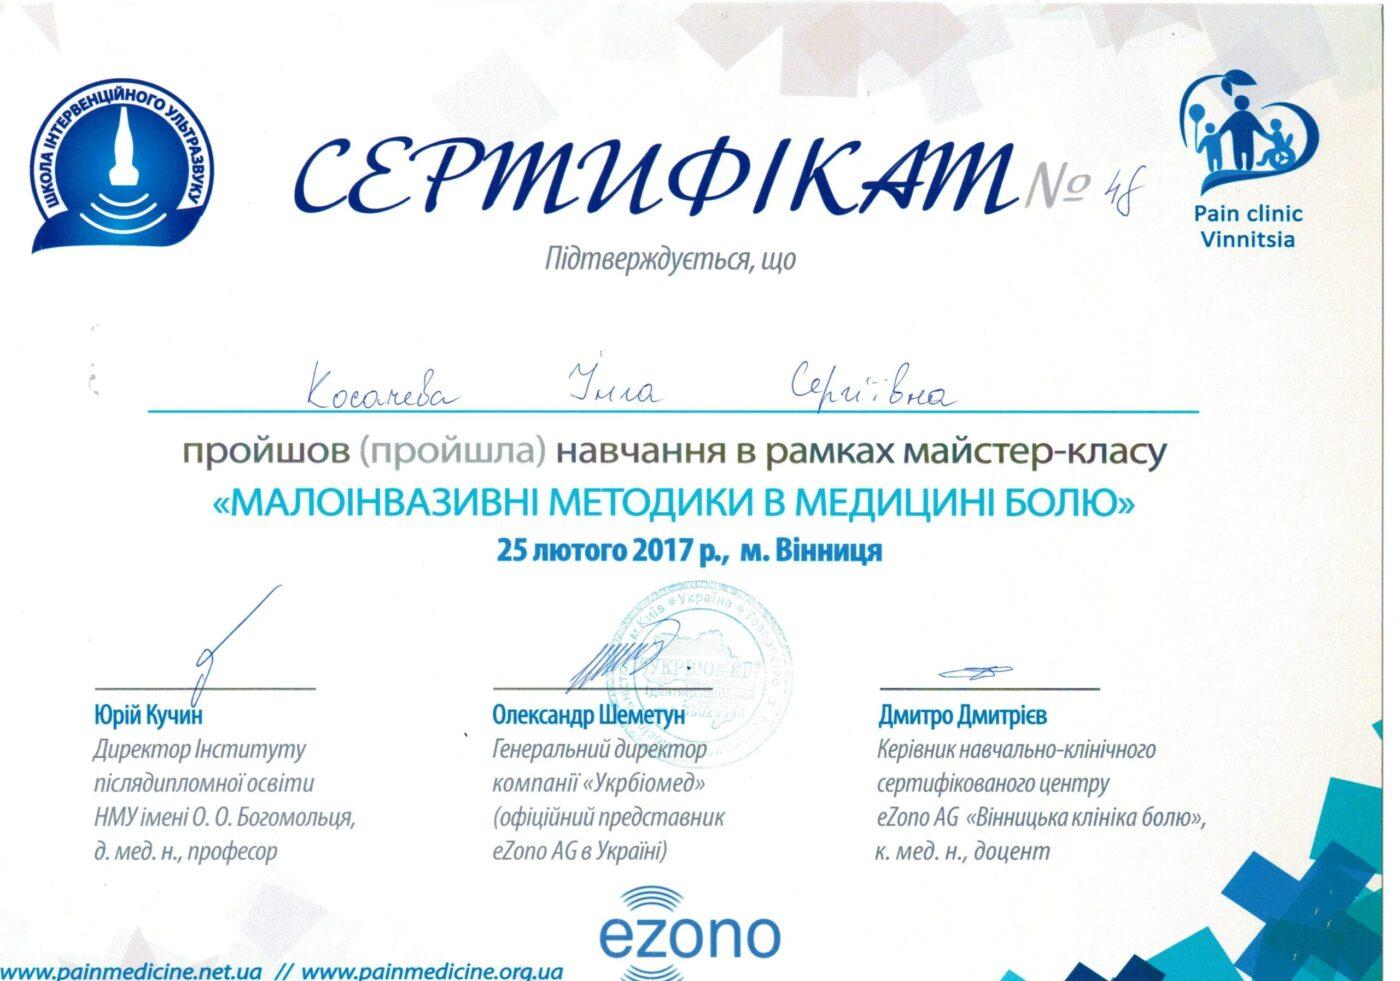 Сертификат подтверждающий участие Косачевой Инги в мастер классе - Малоинвазивные методы в медицине